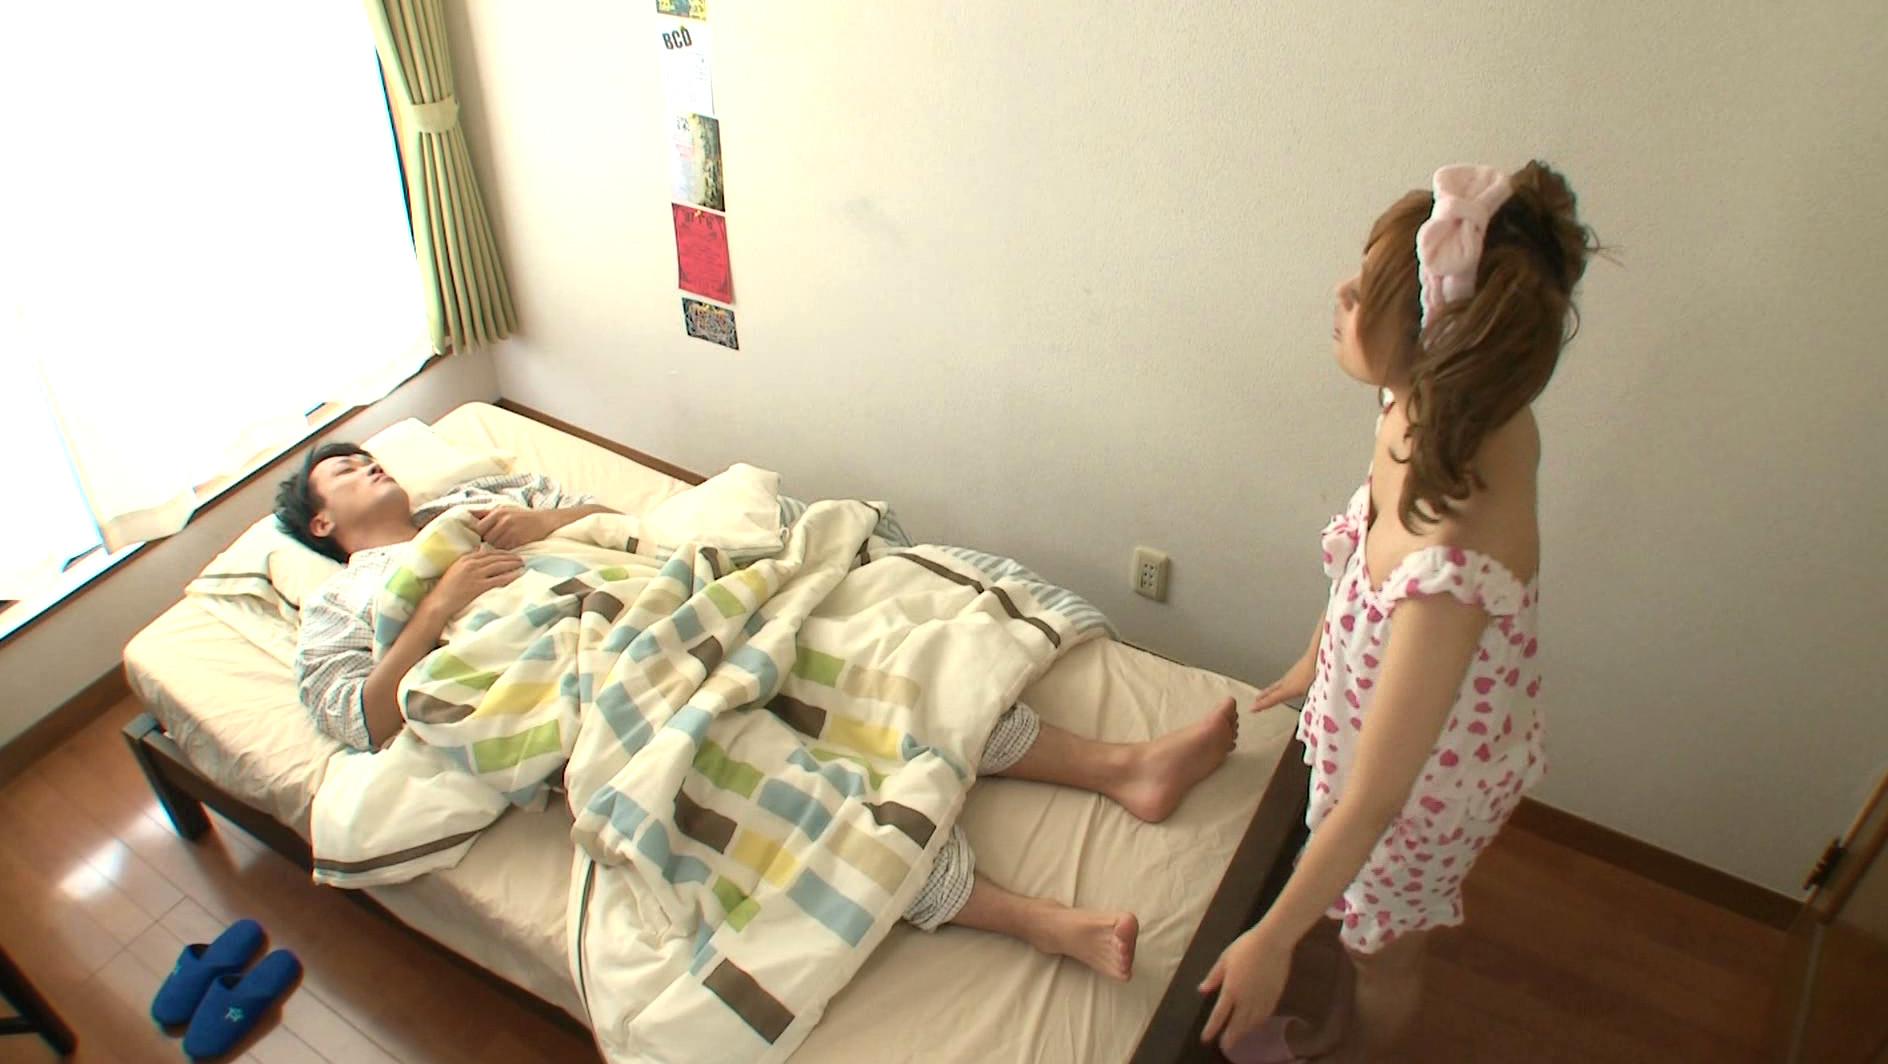 僕のカワイイ妹が寝取られて・・・ 並木優 画像3